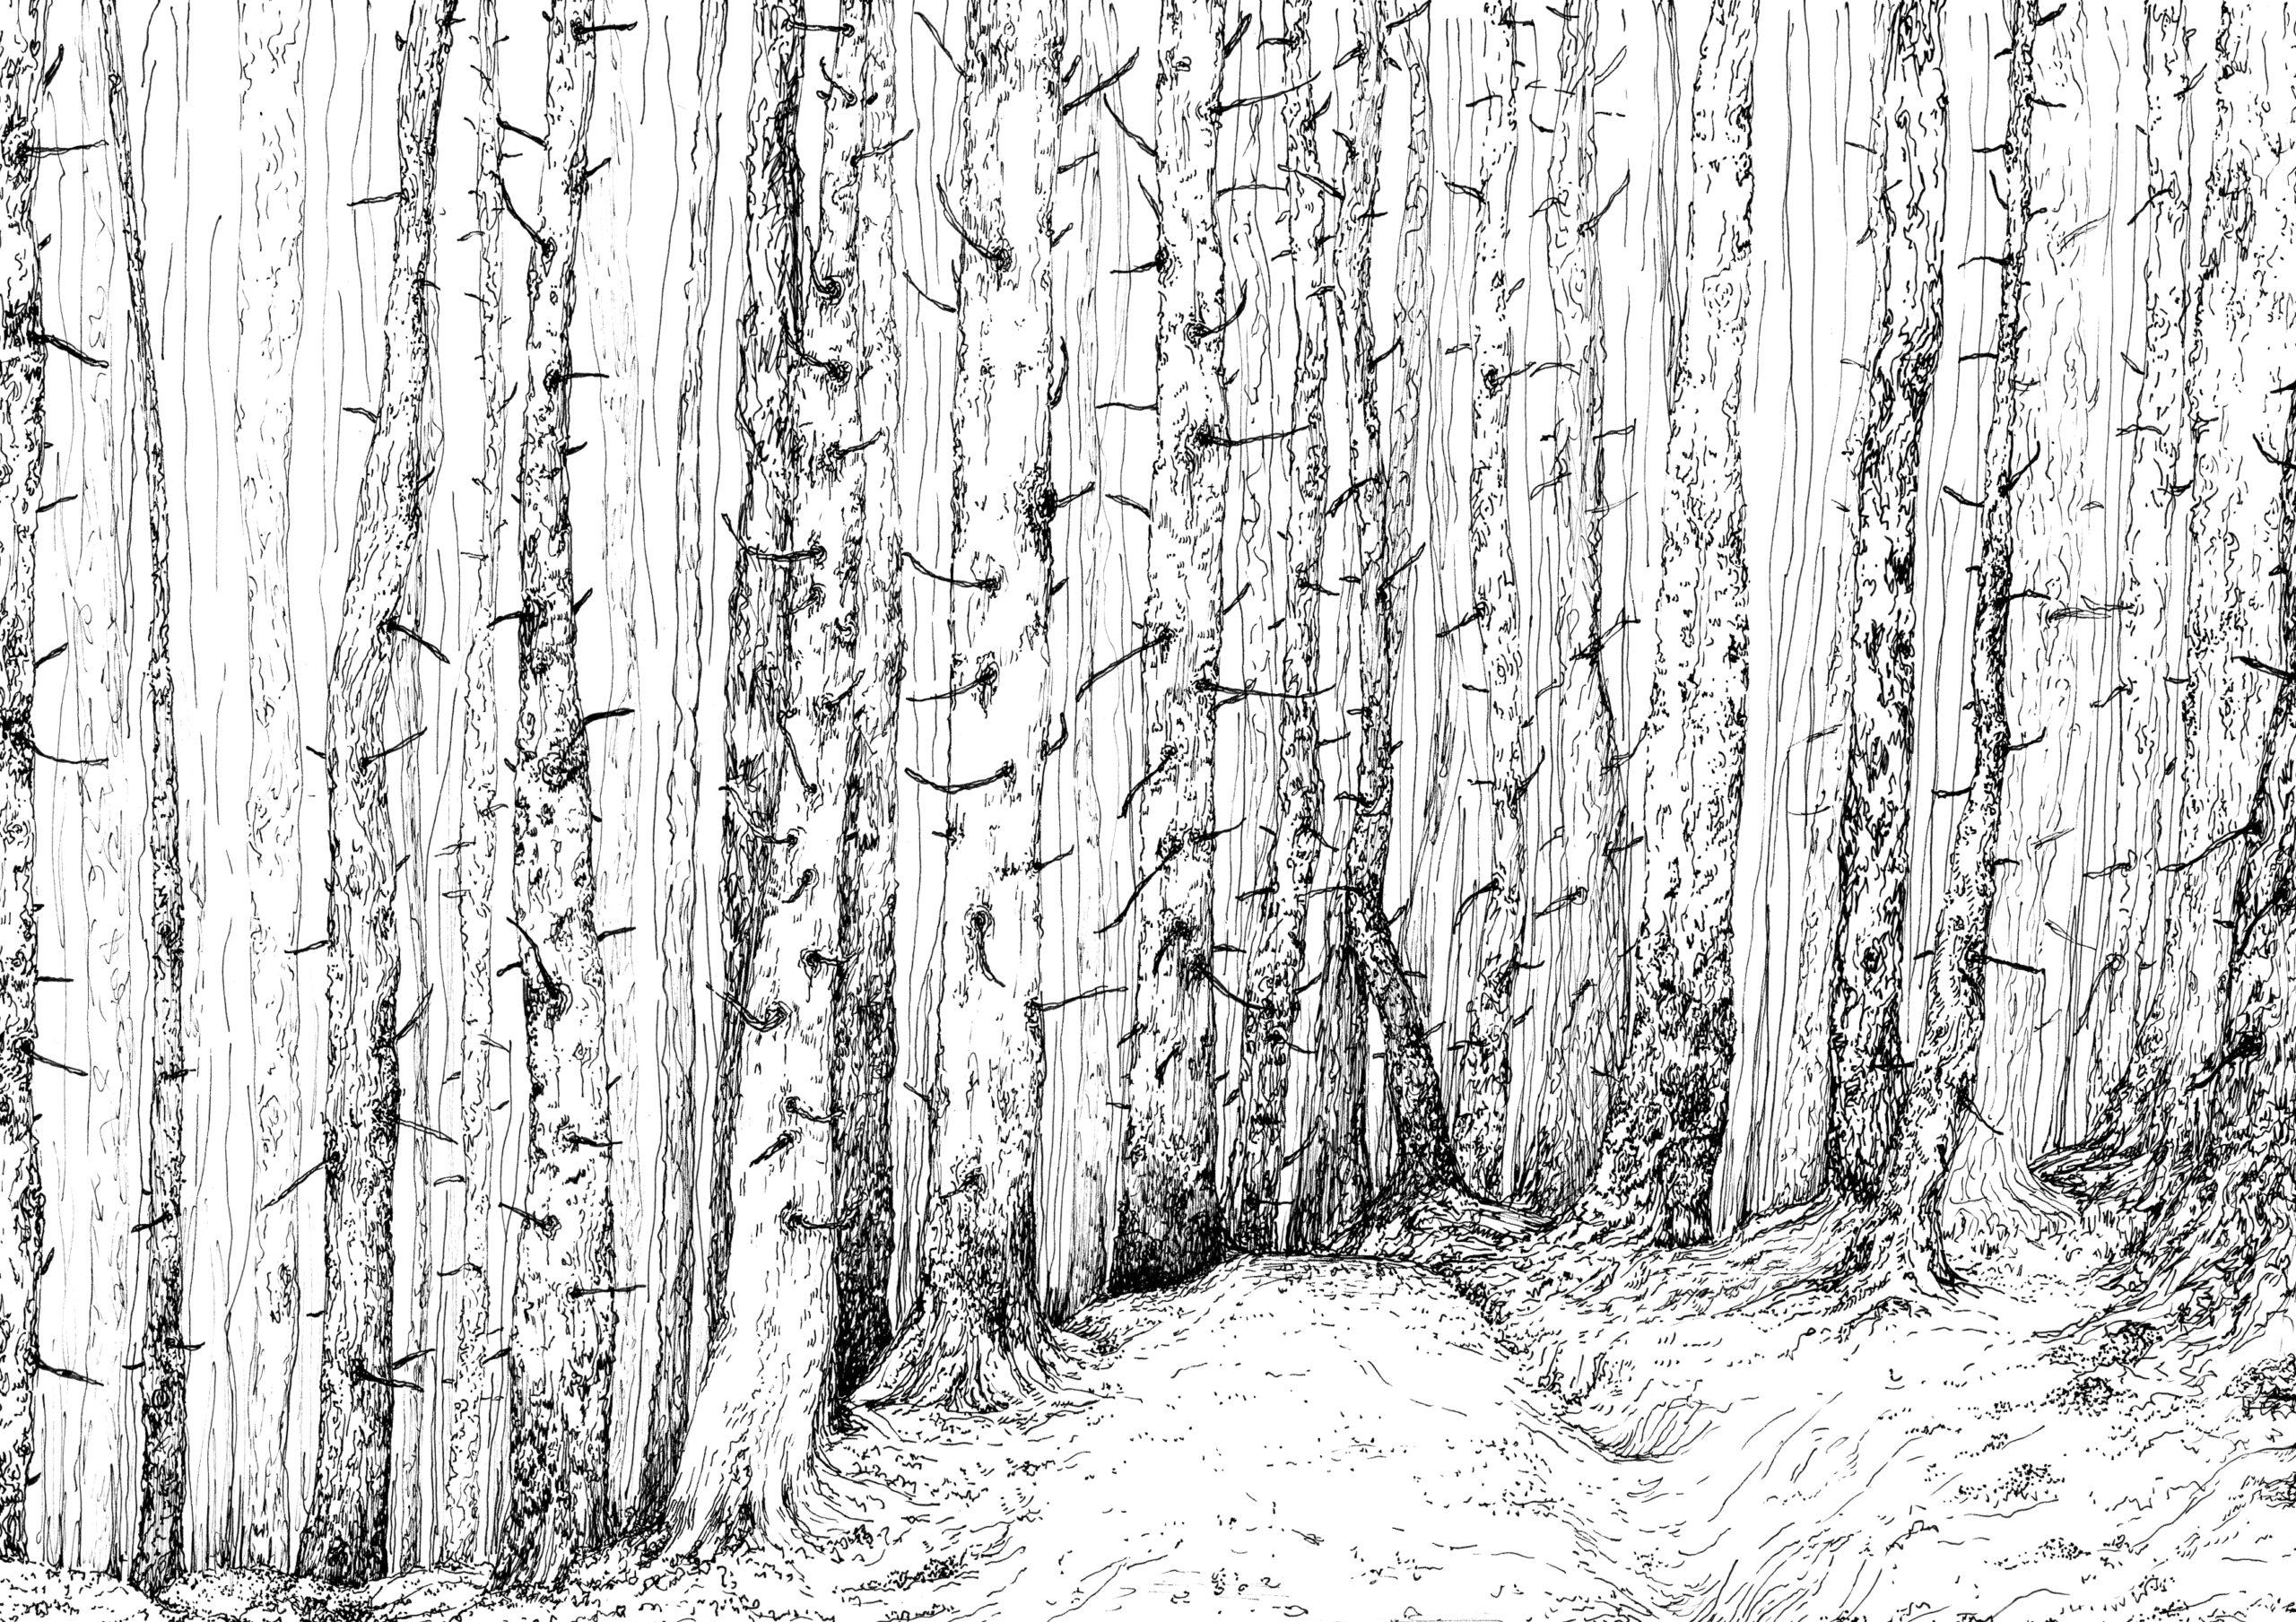 forest Kopie 2